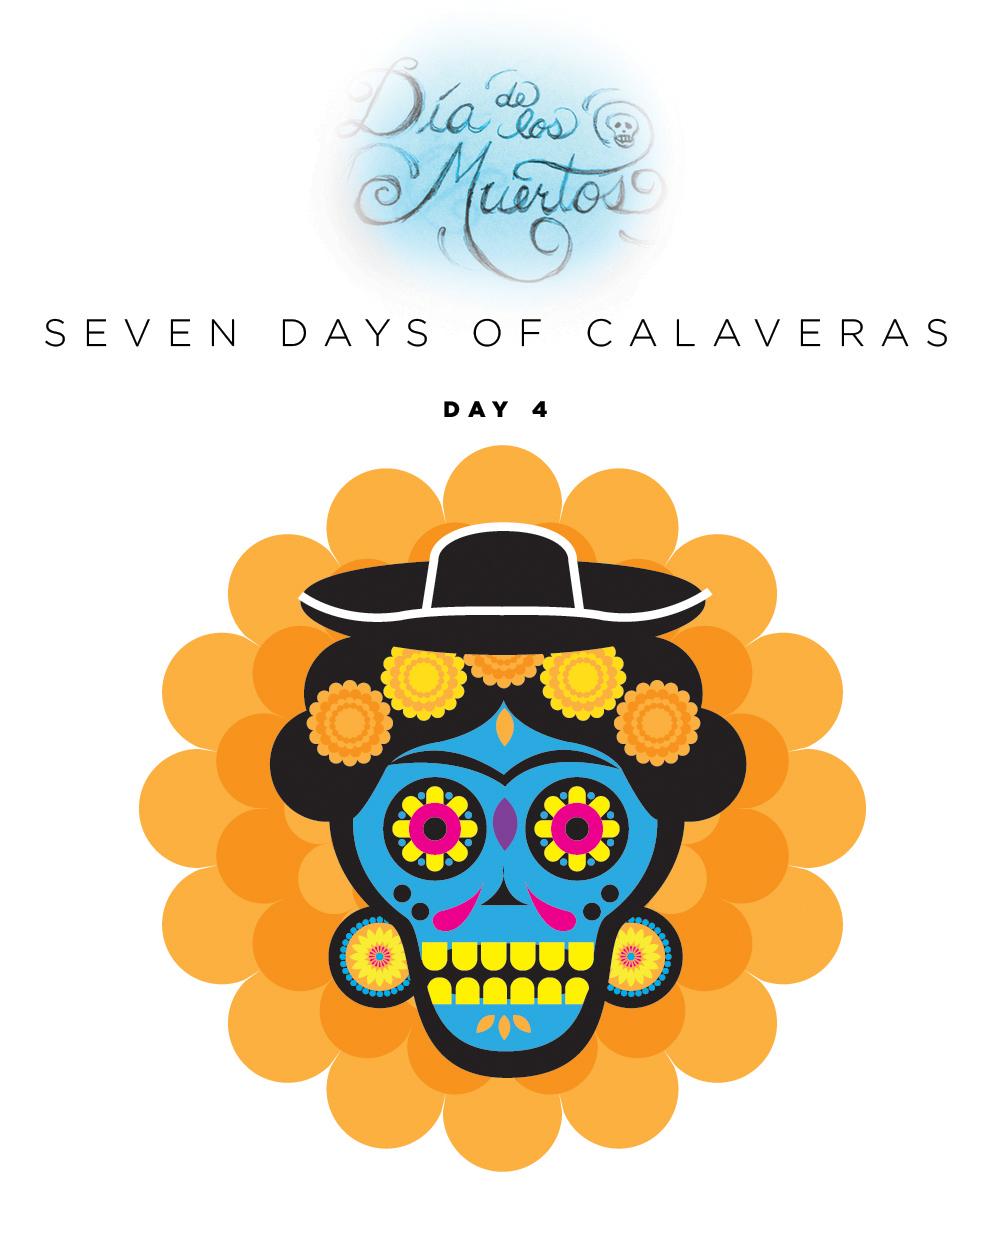 SEVEN days of calaveras day 4